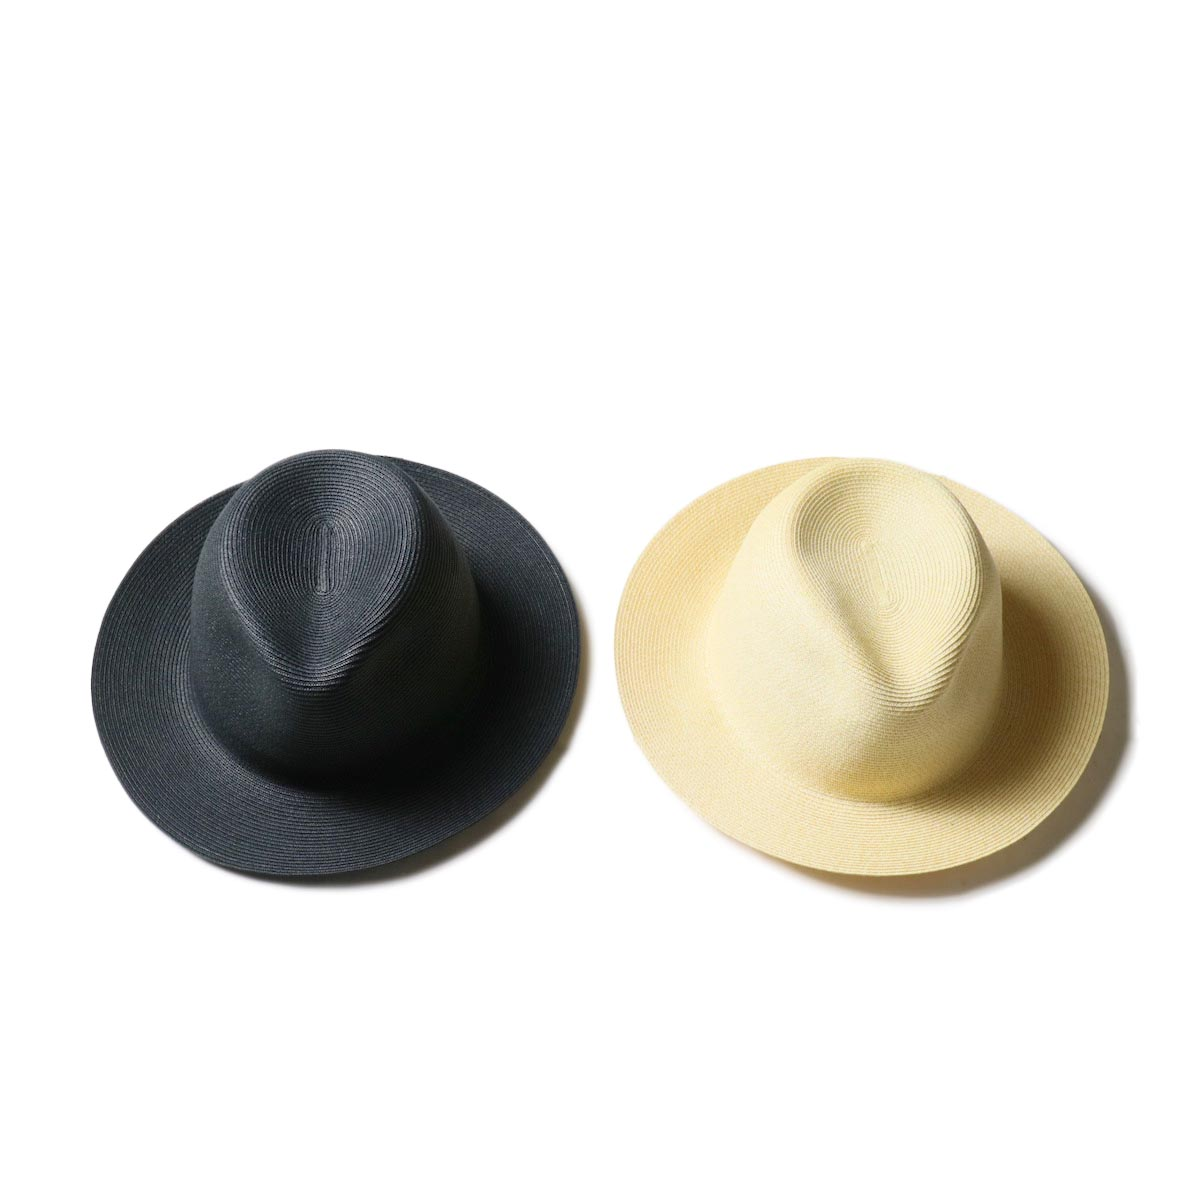 KIJIMA TAKAYUKI / Paper Hat (E-211004)